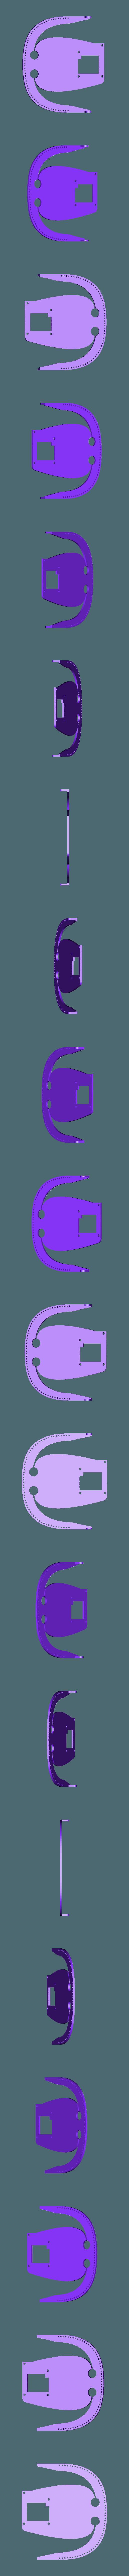 upper_jaw.stl Télécharger fichier STL gratuit Mécanique de la bouche et du sourcil, adaptable à la mécanique de l'œil • Modèle pour impression 3D, kakiemon